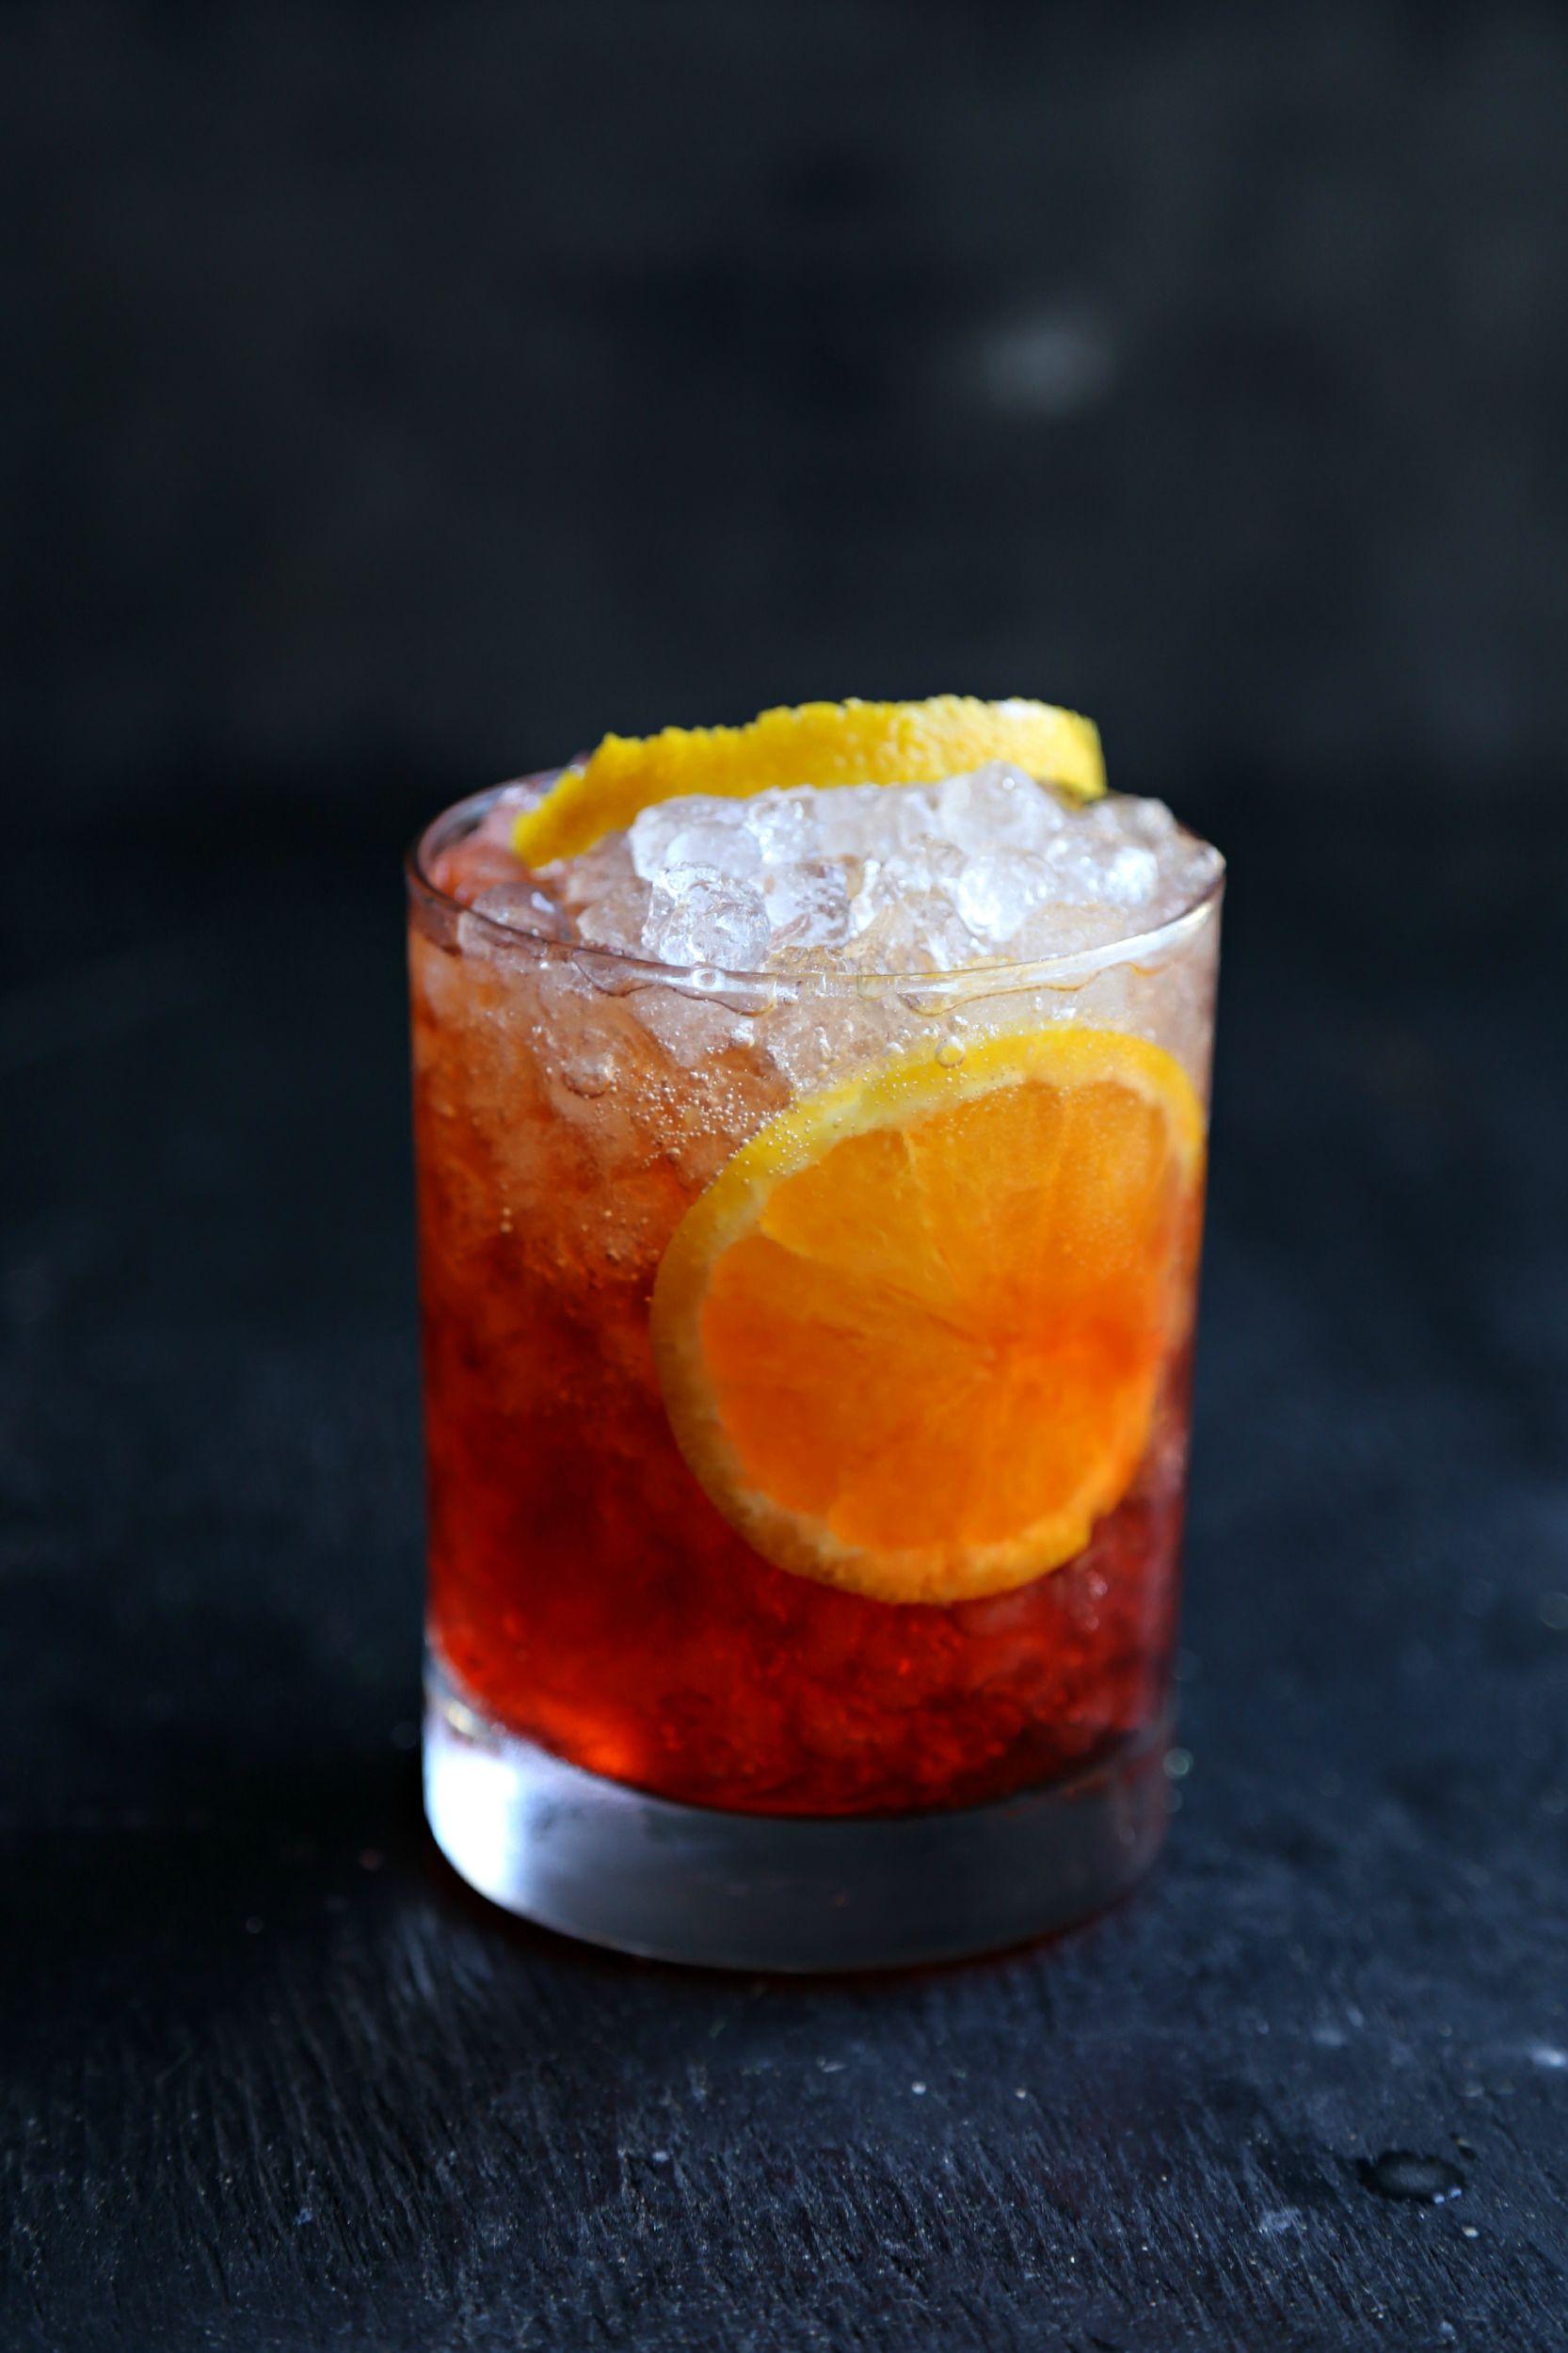 hibiscus-americano-cocktail-vianneyrodriguez-sweetlifebake